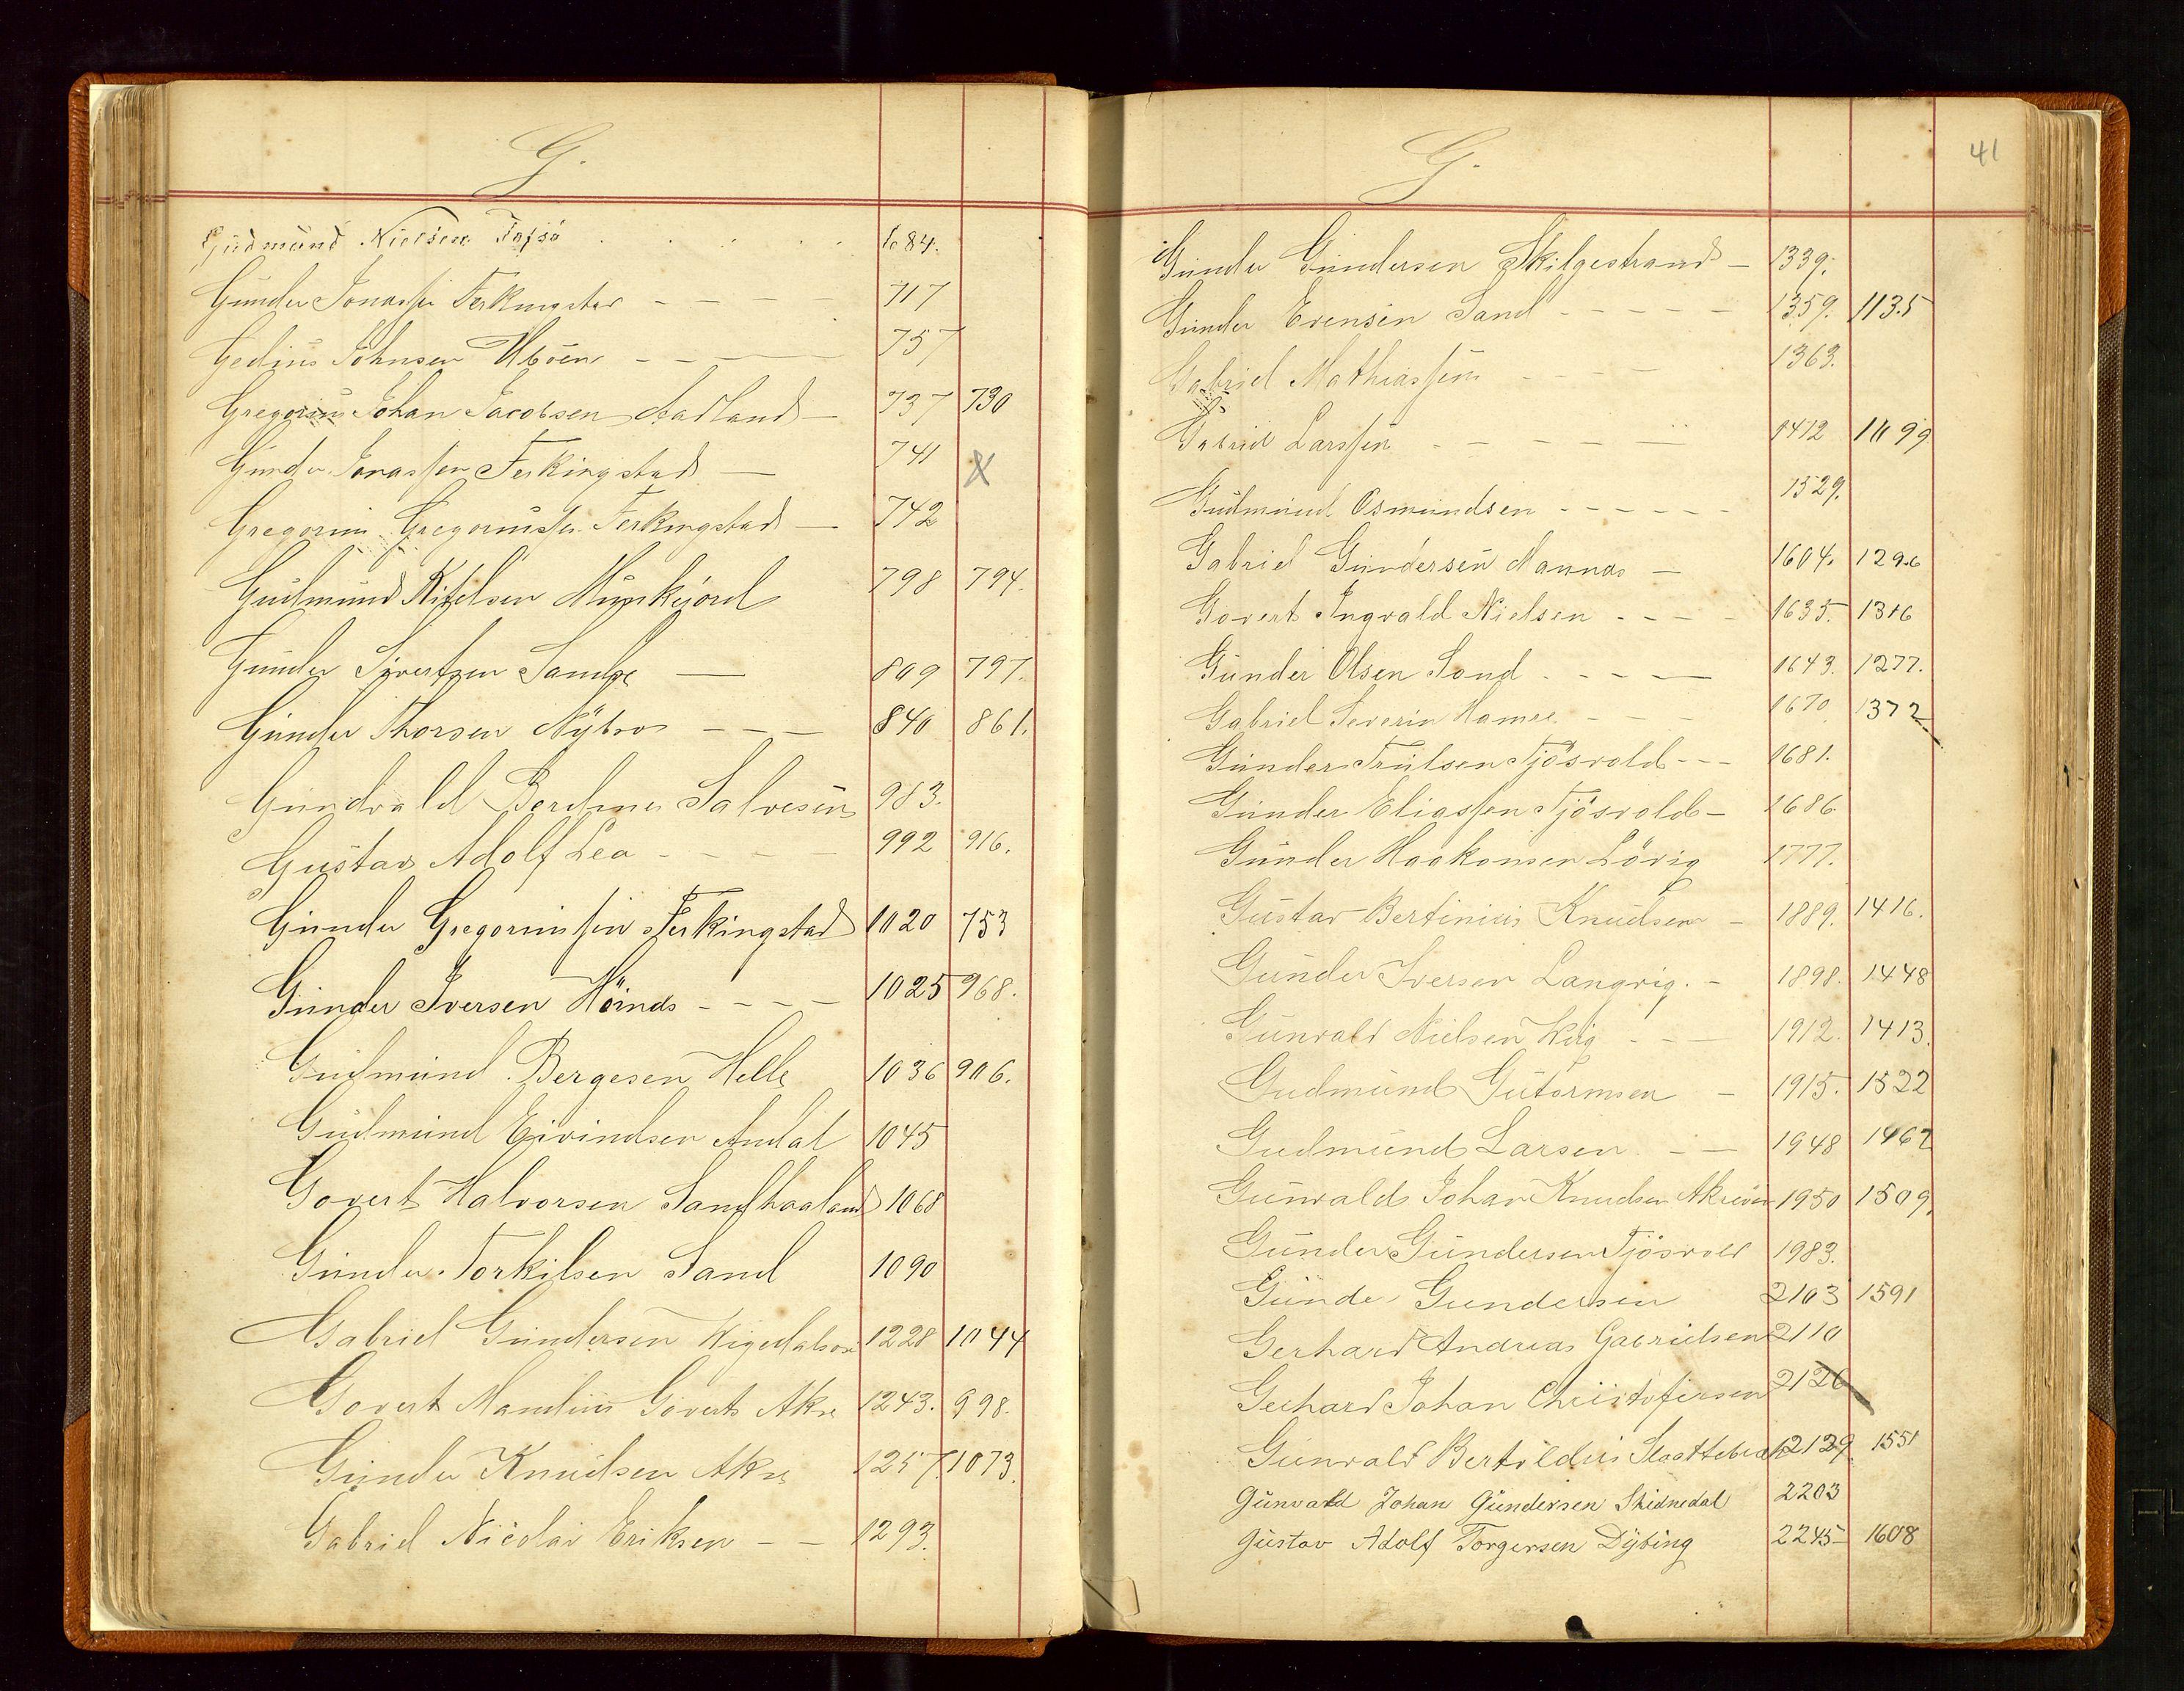 SAST, Haugesund sjømannskontor, F/Fb/Fba/L0003: Navneregister med henvisning til rullenummer (fornavn) Haugesund krets, 1860-1948, s. 41